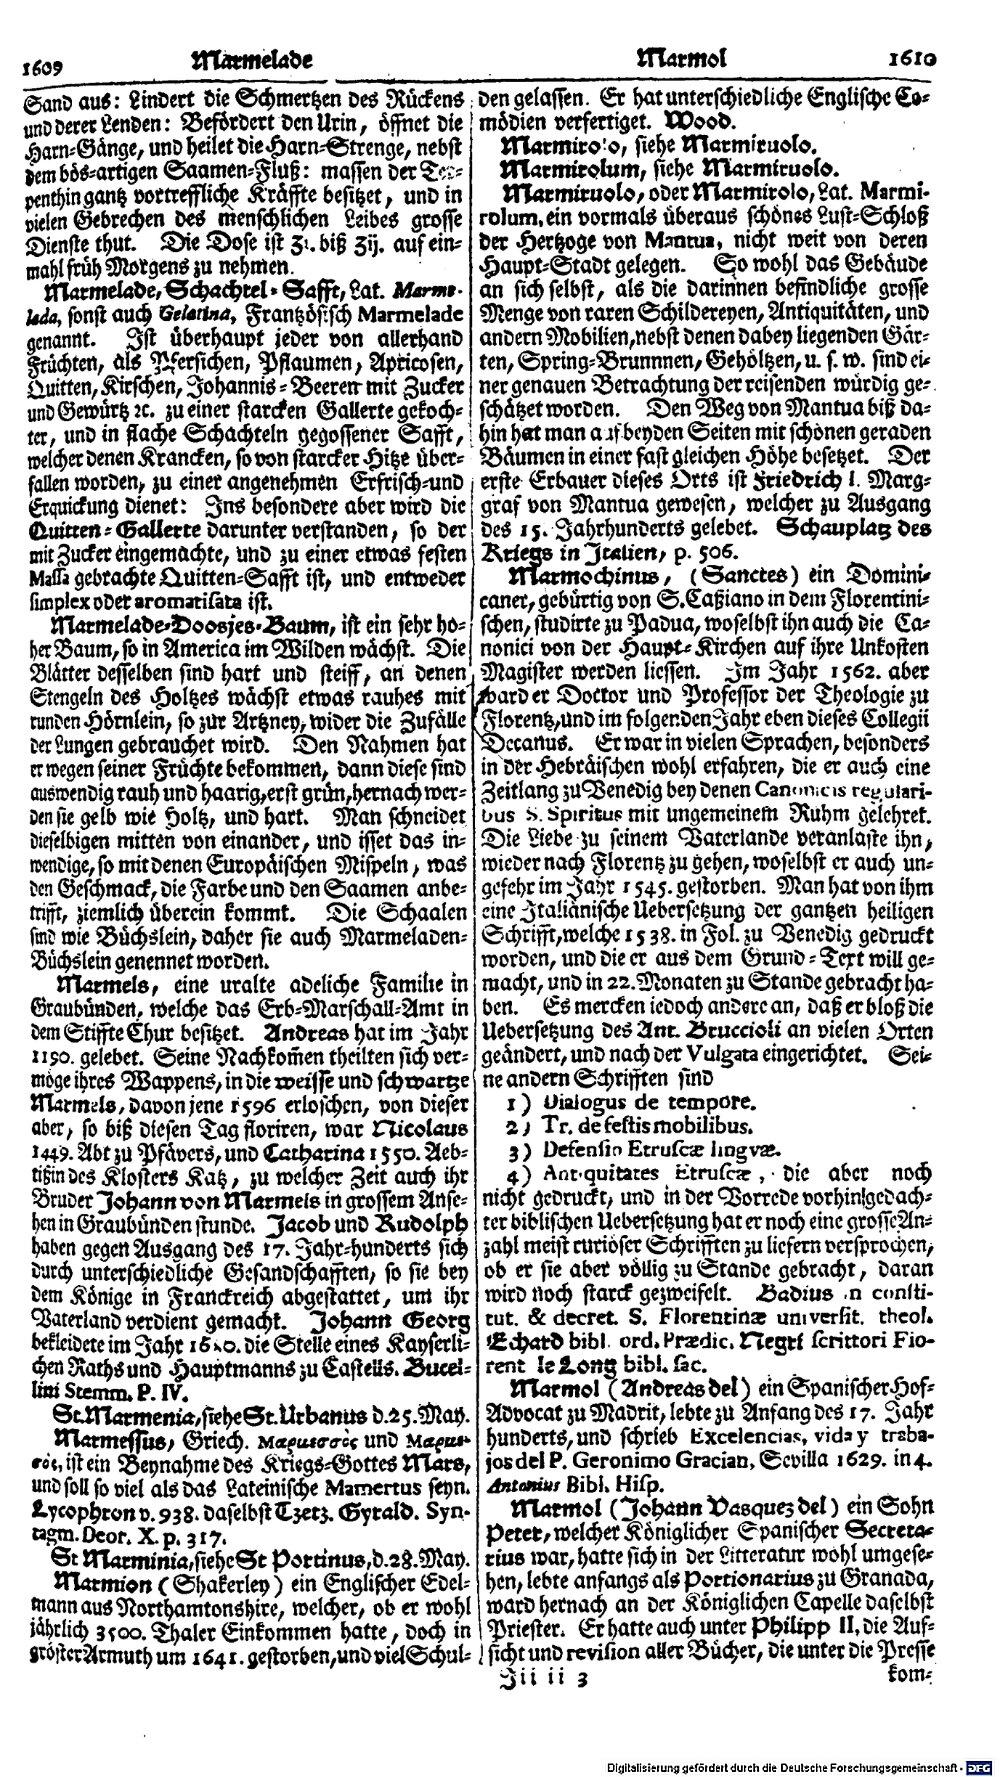 Bd. 19, Seite 0838.